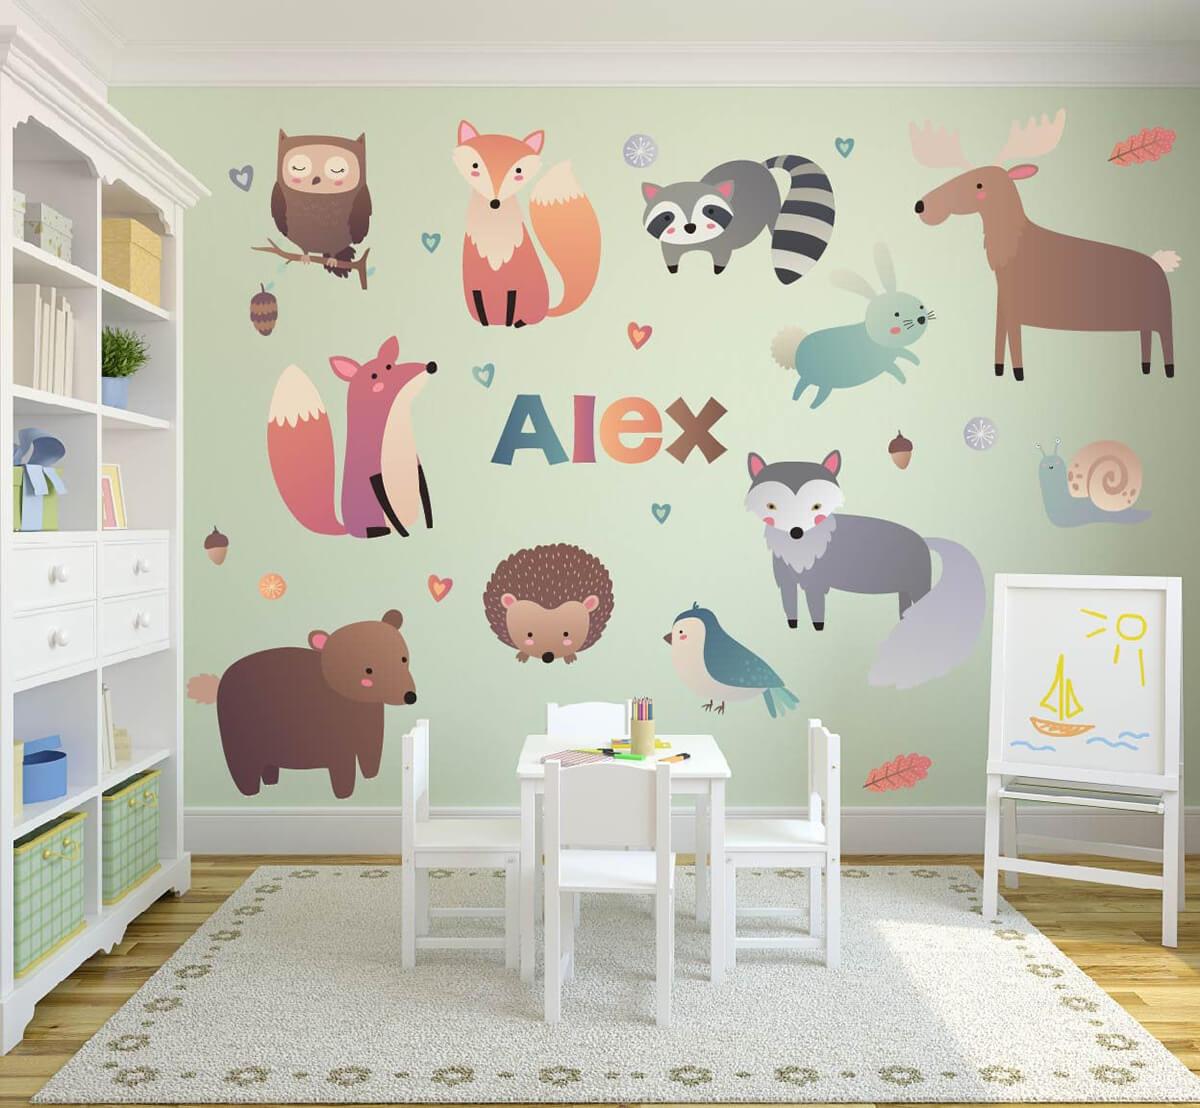 Décoration murale sur le thème de la forêt et des animaux de dessin animé